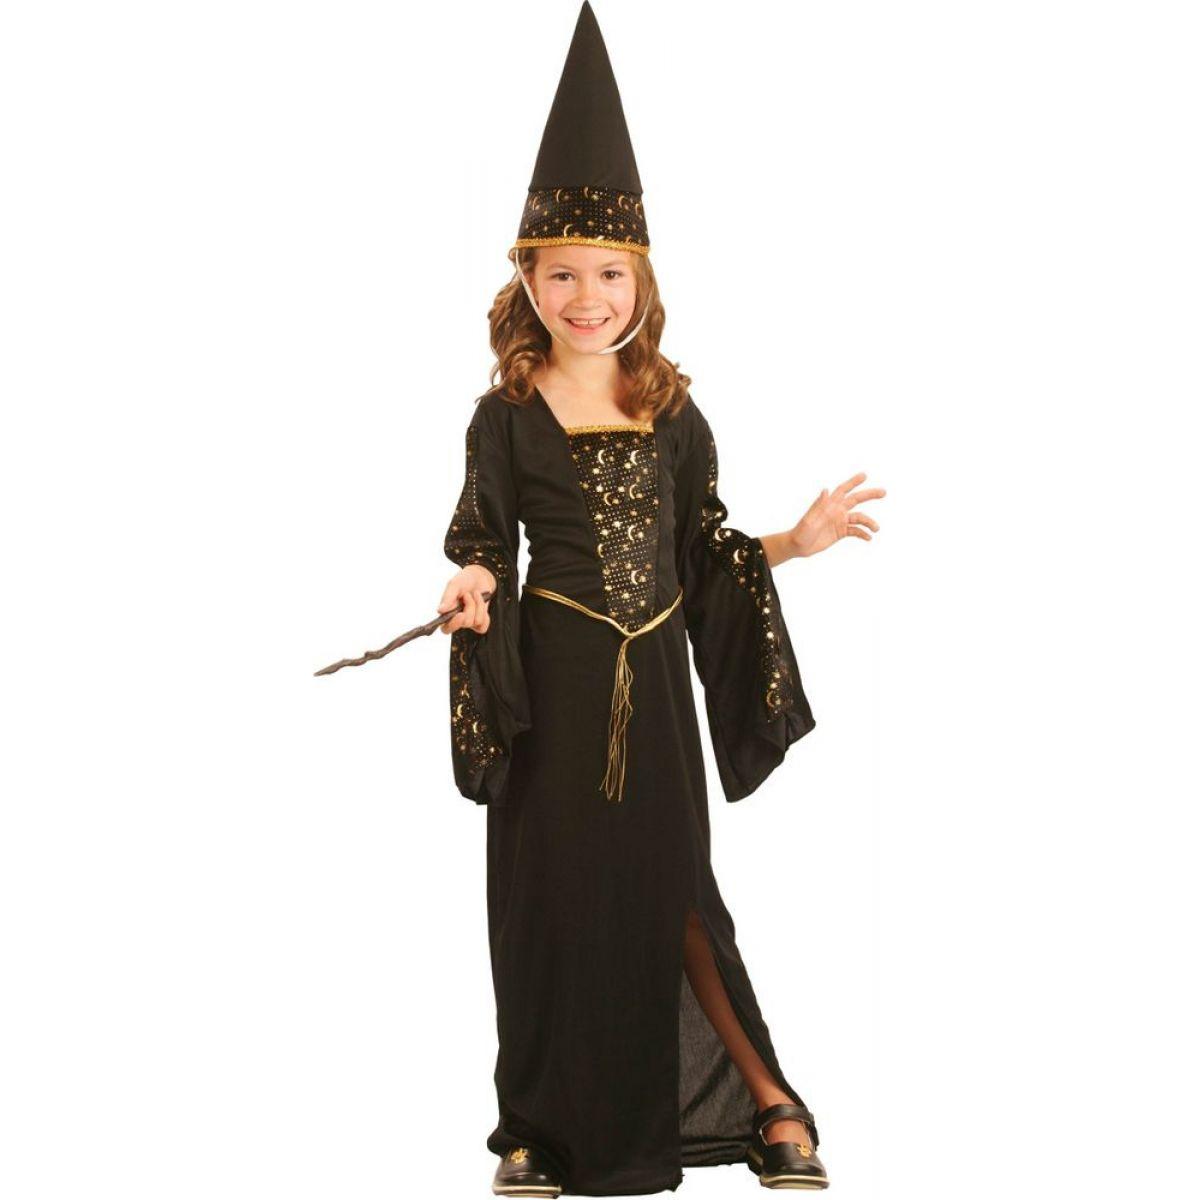 Made Dětský kostým Čarodějka černo-zlatá 110-120cm MaDe